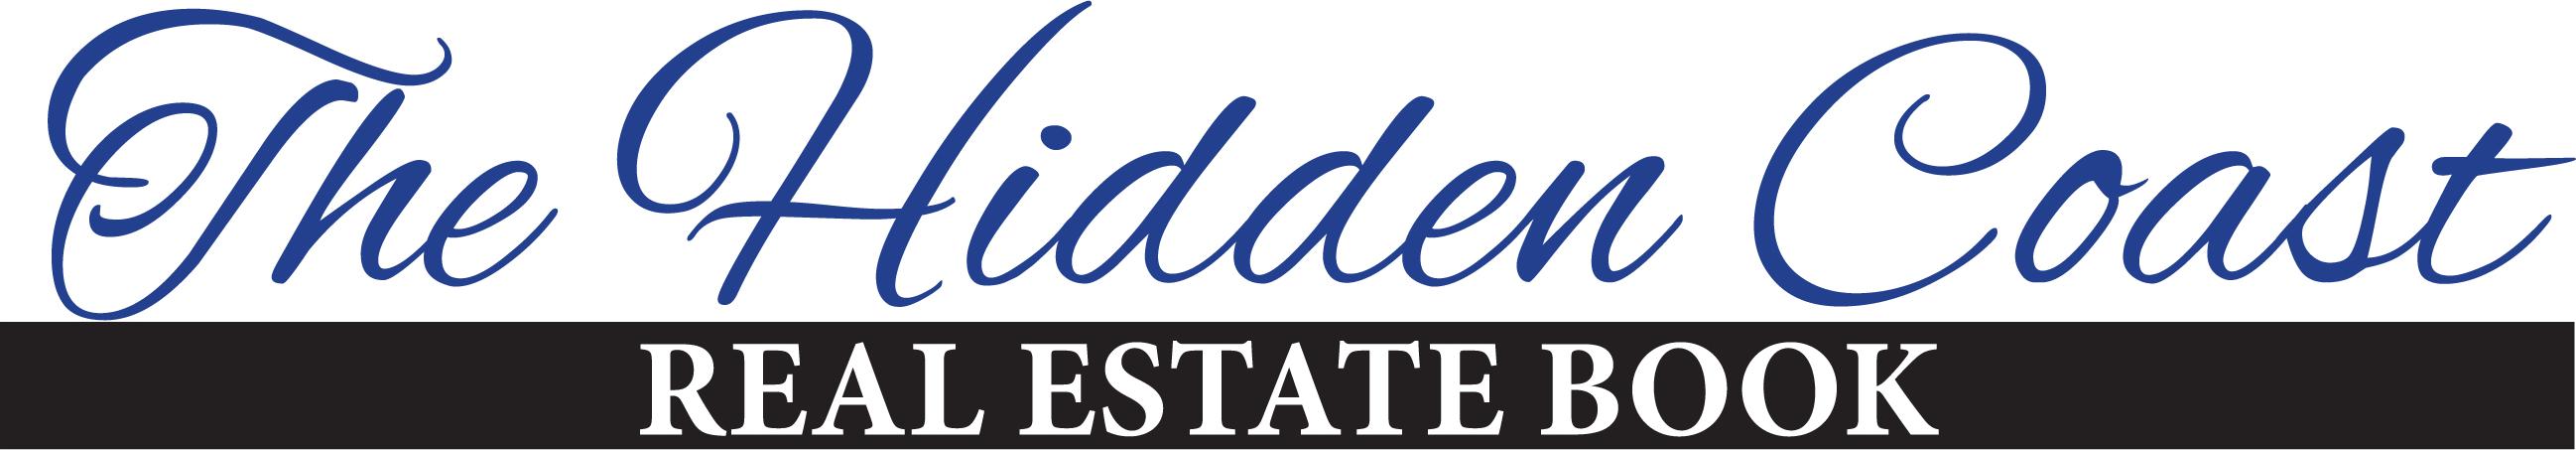 thehiddencoastreb.com